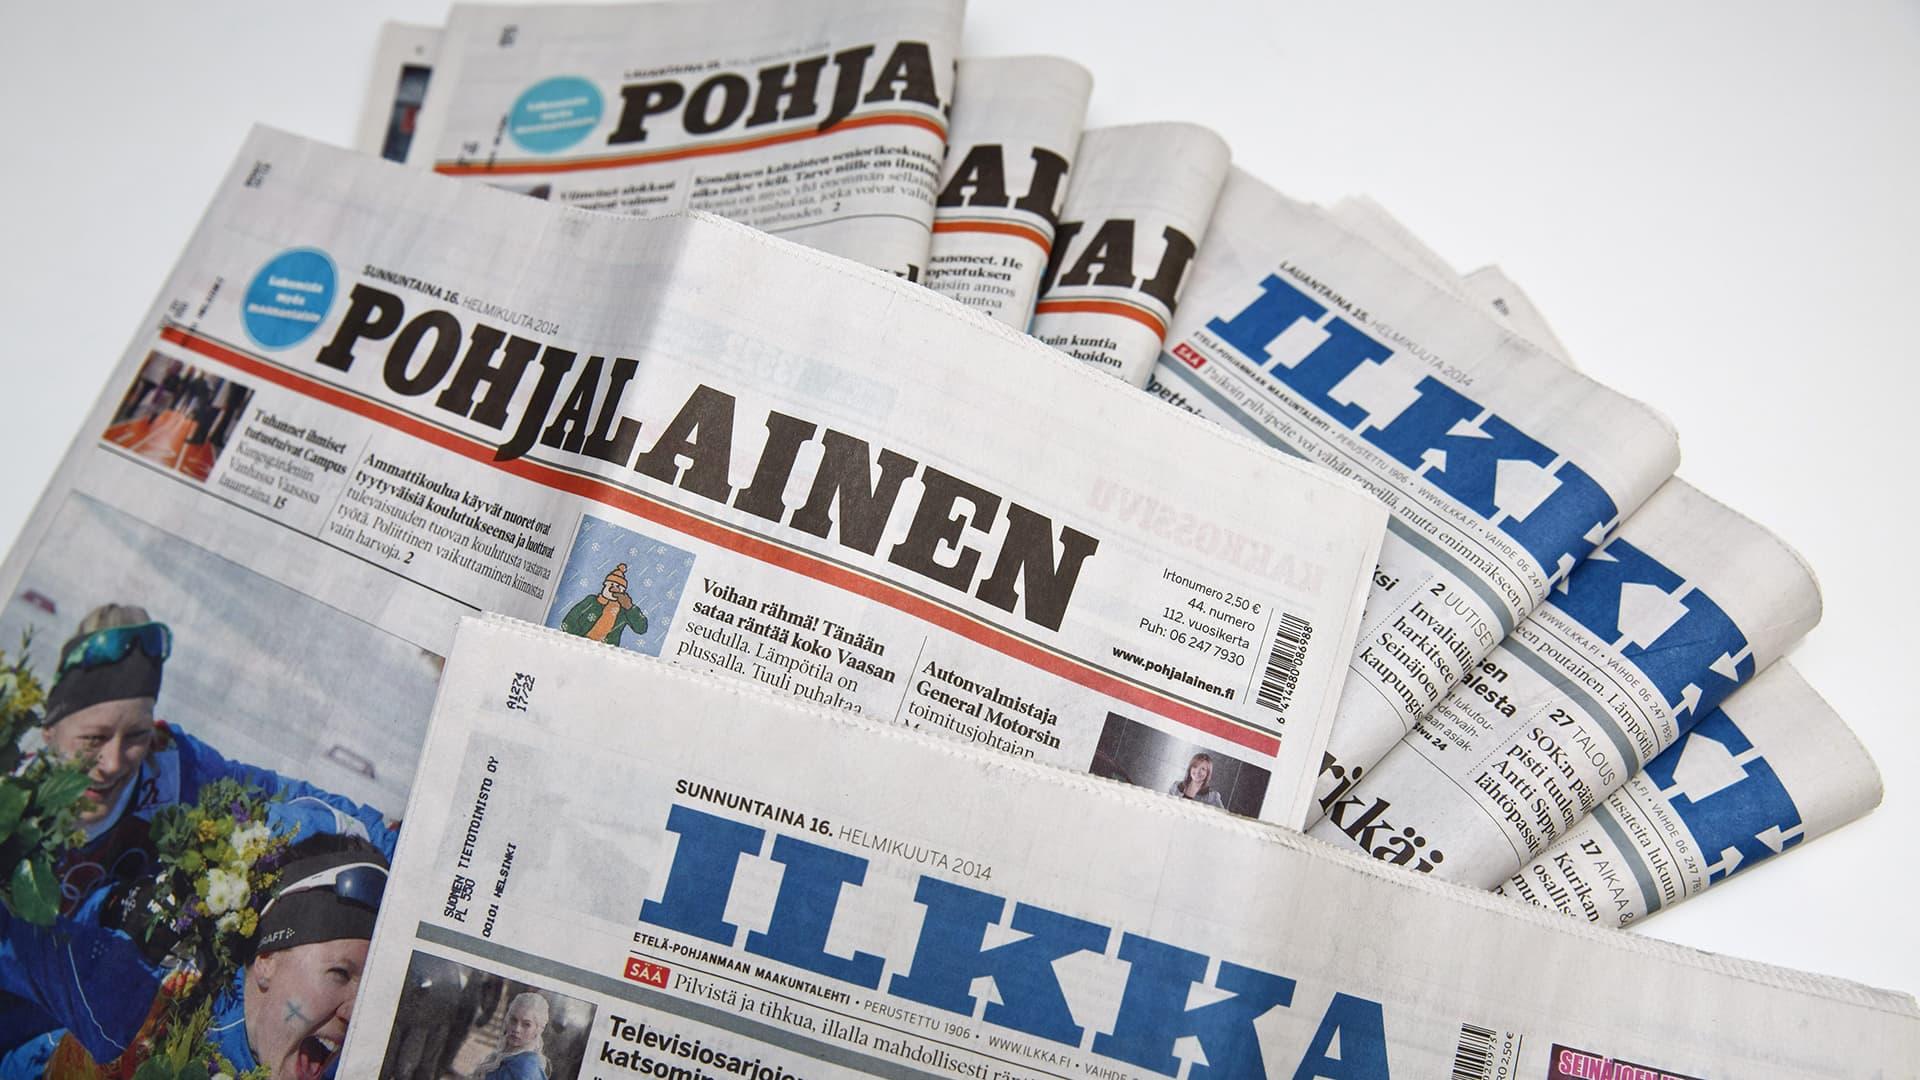 Pohjalainen ja Ilkka -sanomalehtiä pöydällä.